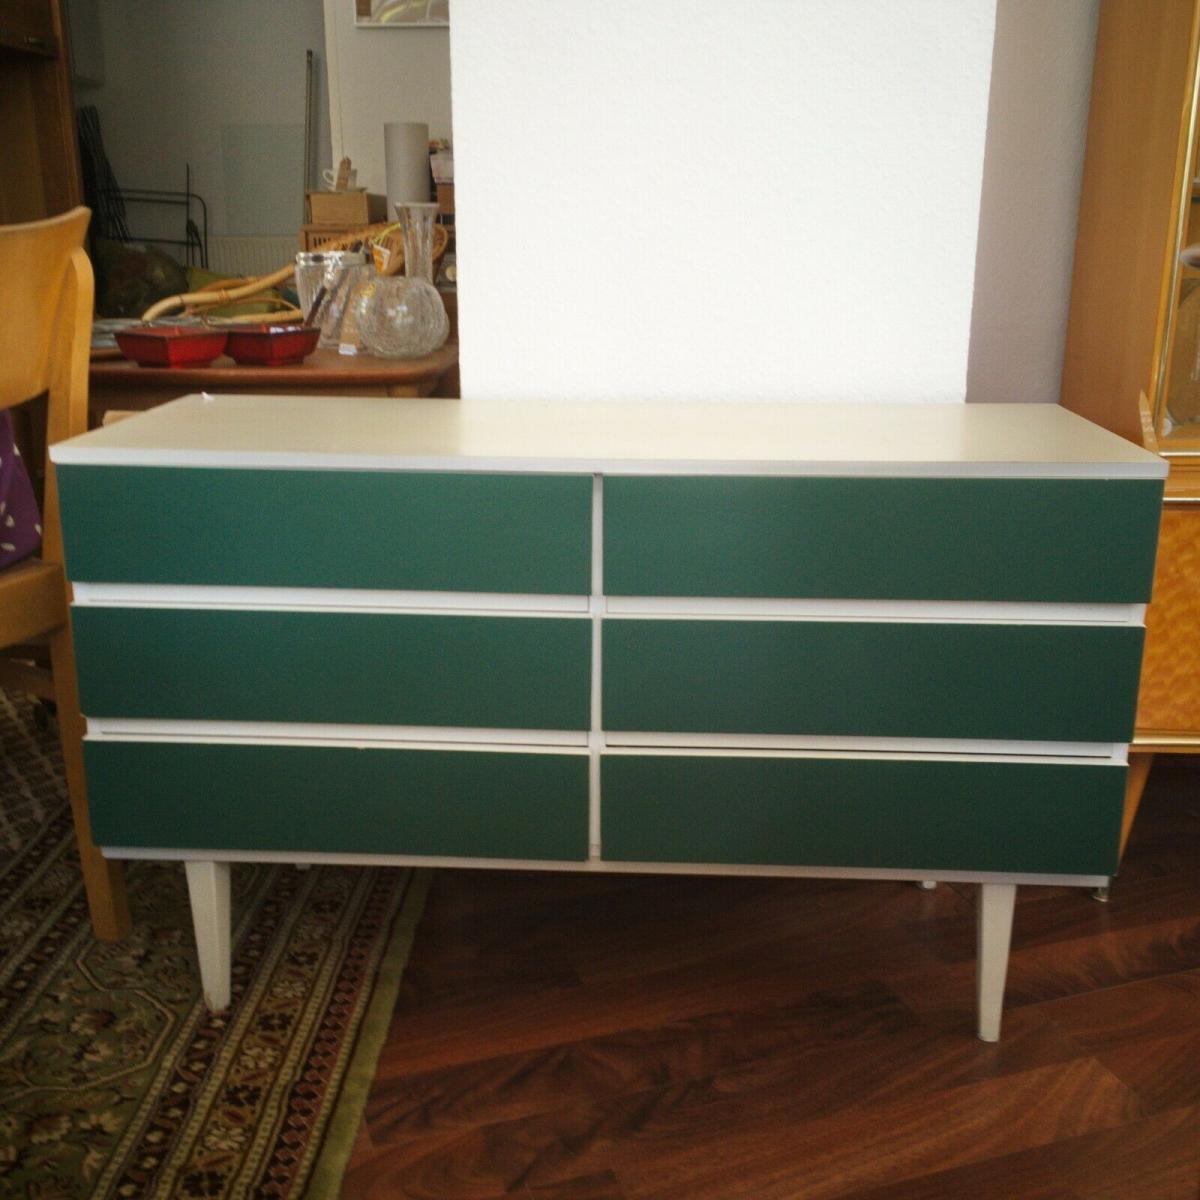 POP ART Kommode 6 Schubladen weiss grün Sideboard LOWBOARD 60er 70er Jahre 0